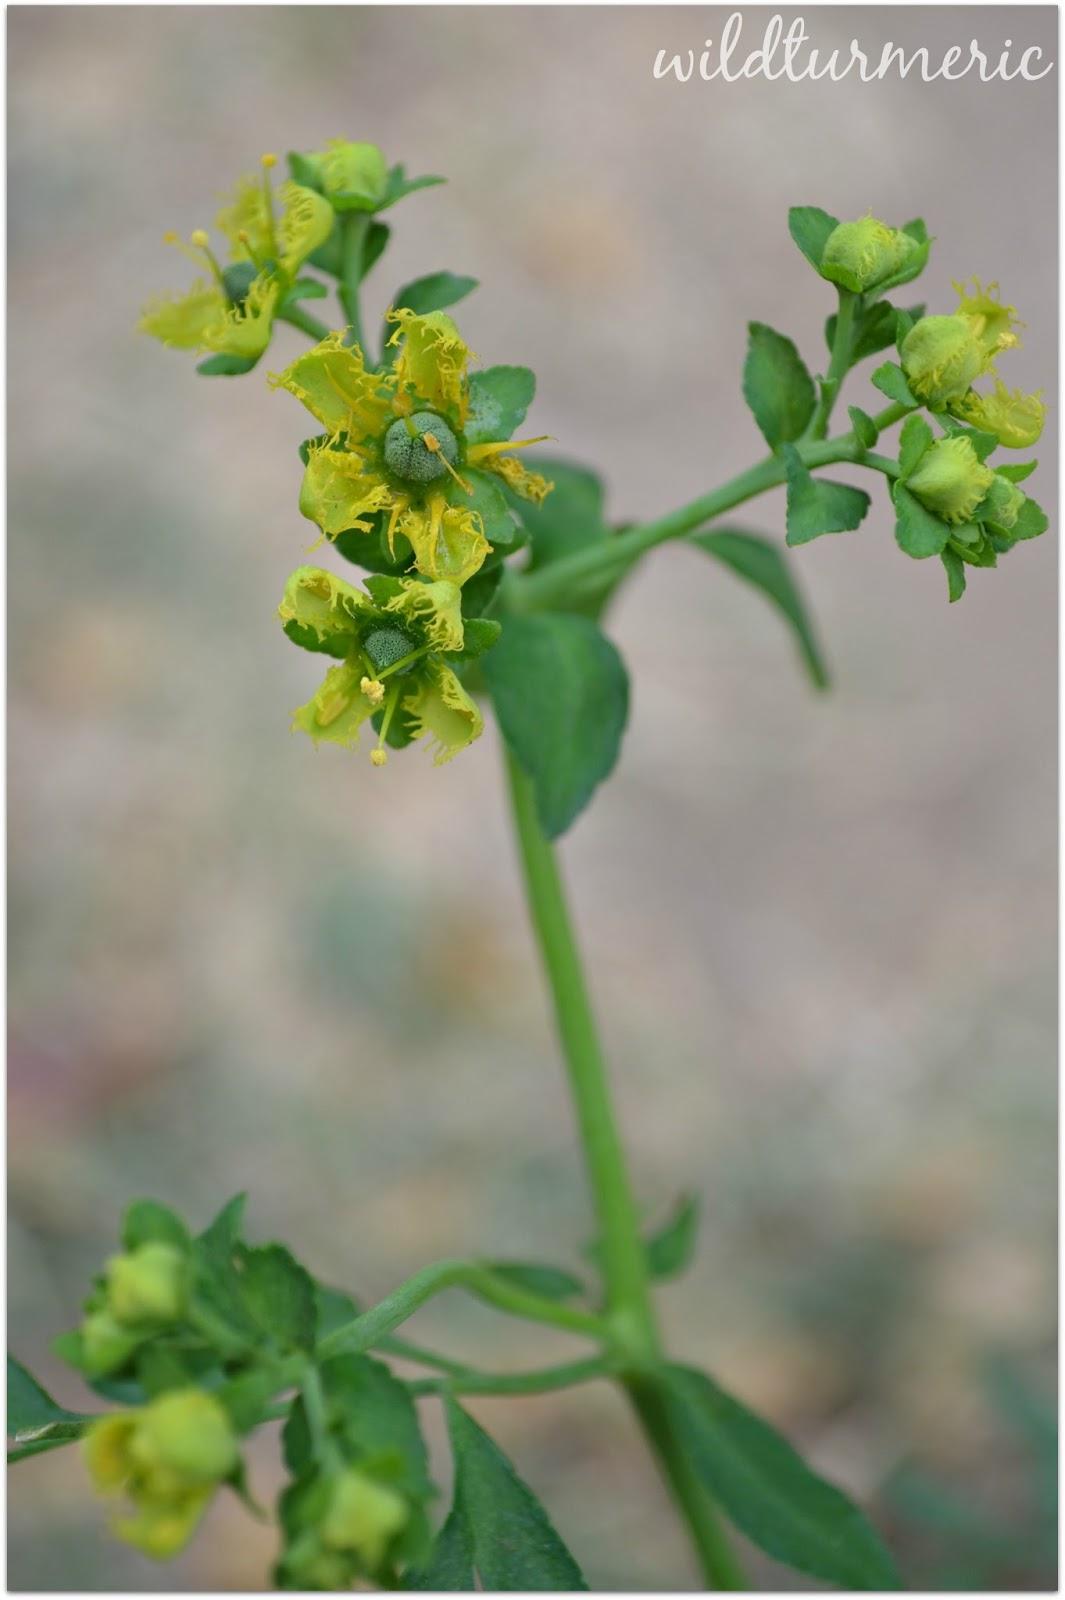 5 Top Medicinal Uses Of Ruta Graveolens (Rue Plant | Ruda)